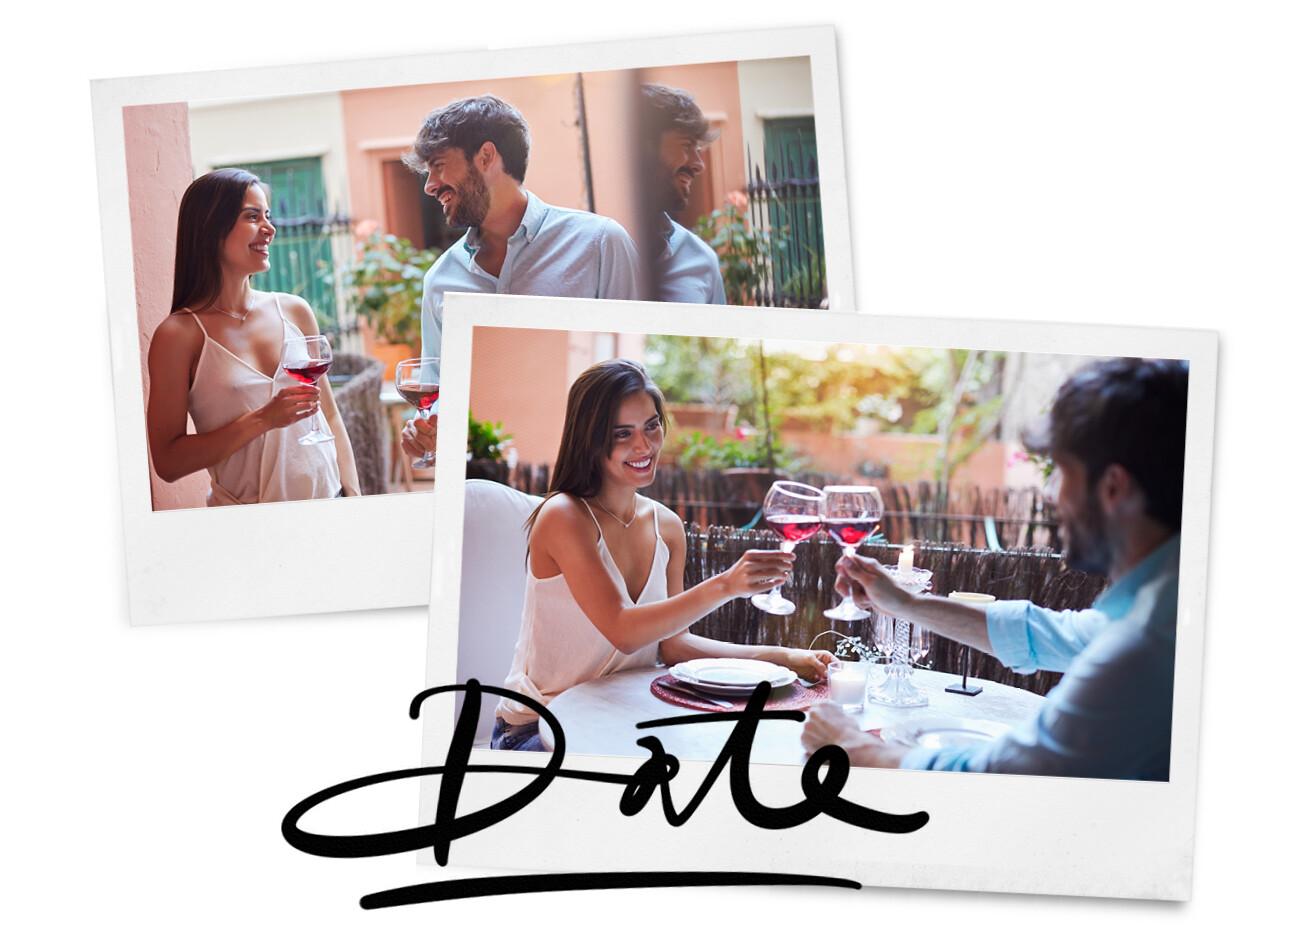 Vrouw en man daten op het balkon wijn drinken